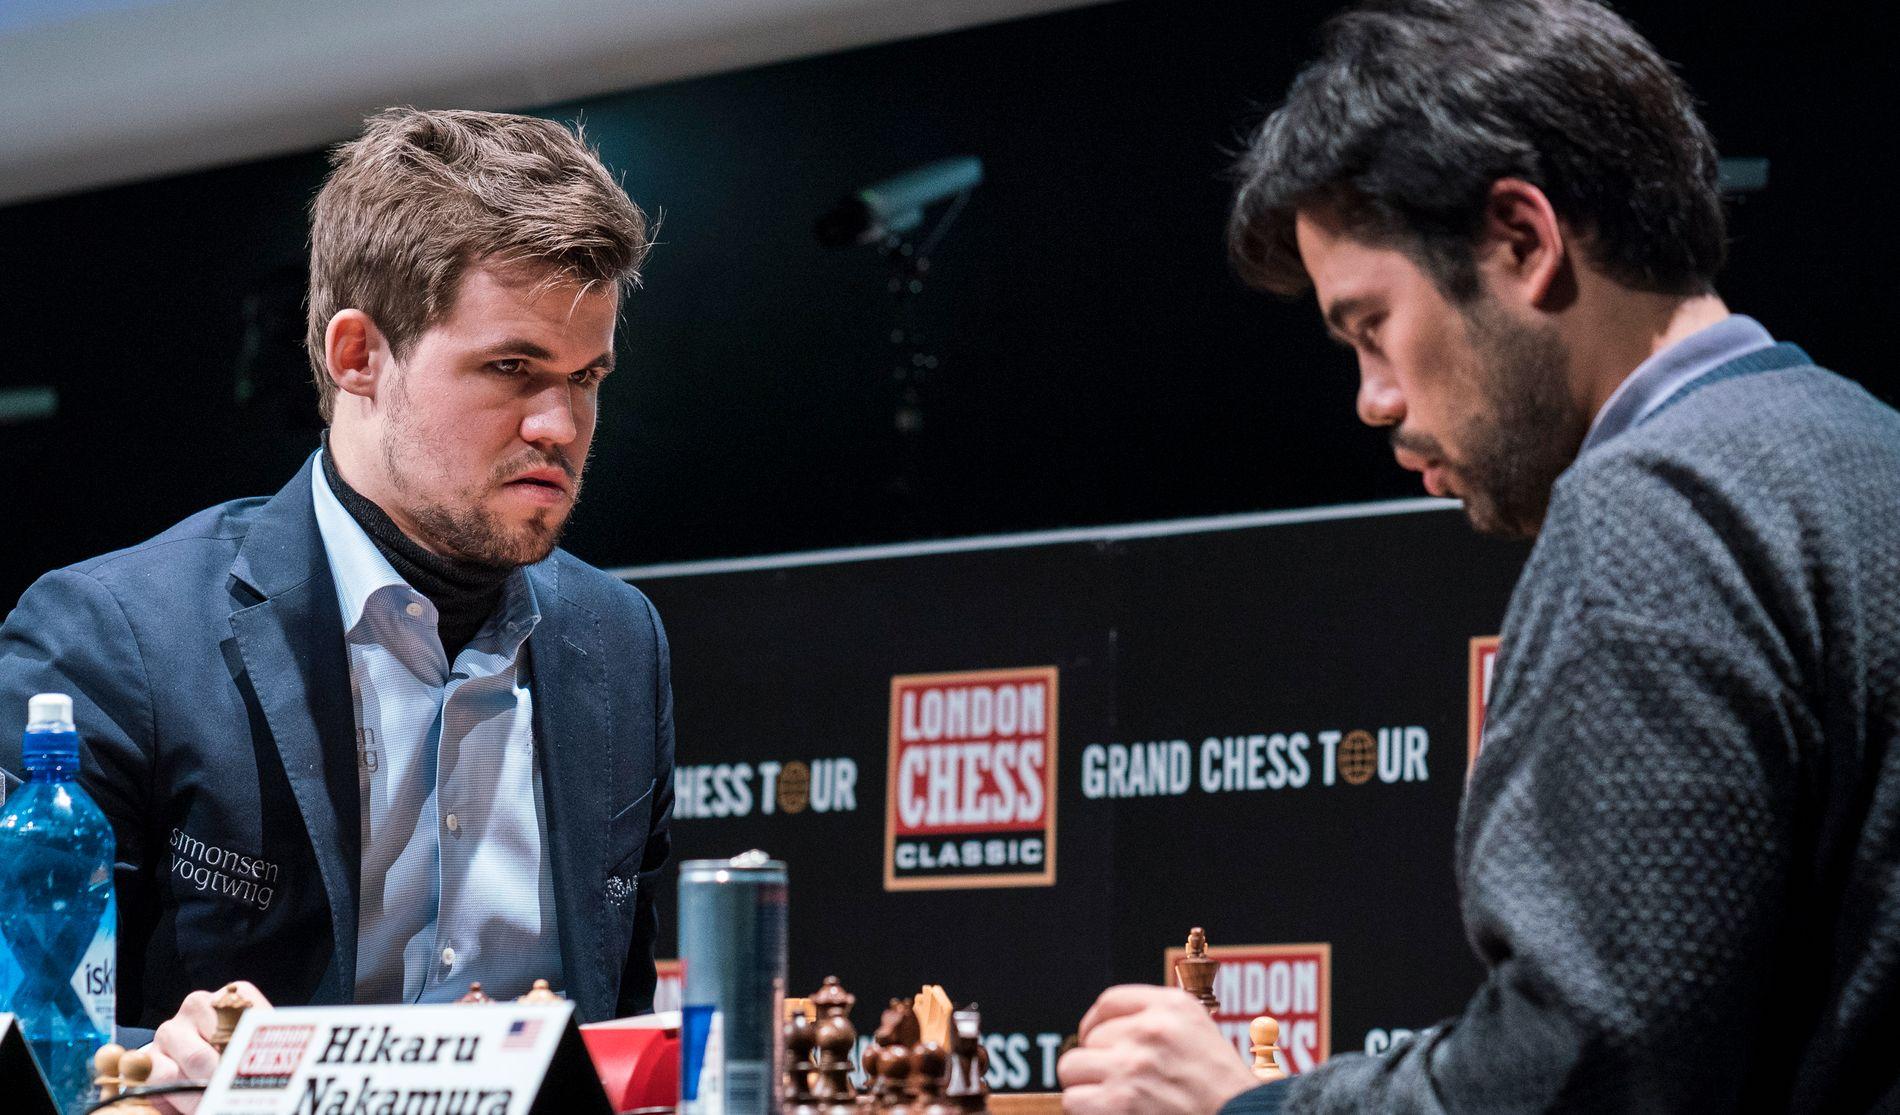 RIVALER: Magnus Carlsen og Hikaru Nakamura i aksjon i London Chess Classic.